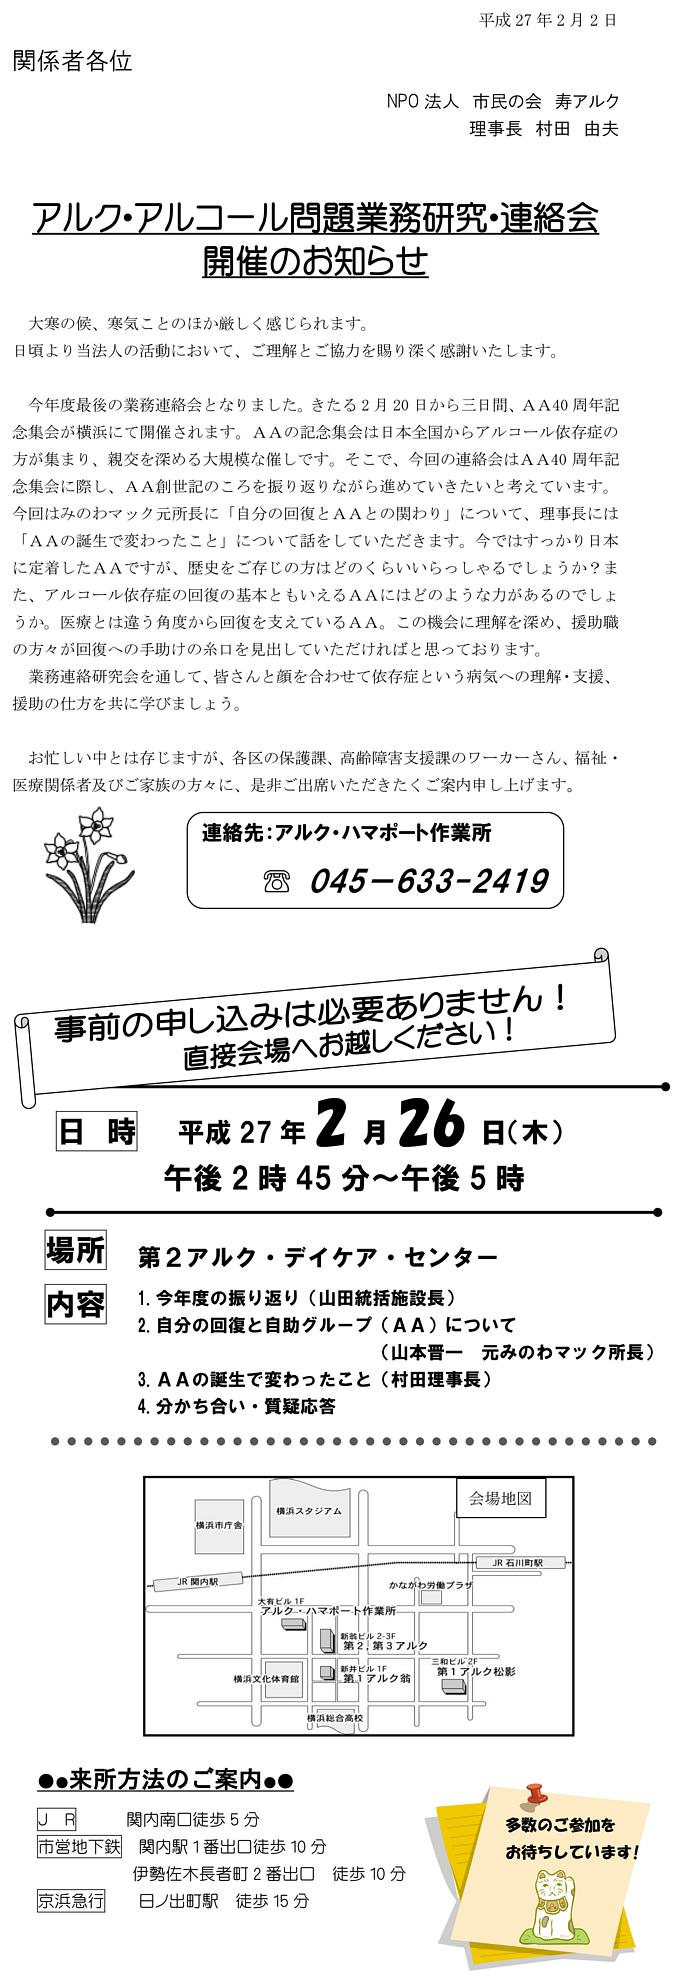 開催のお知らせH270226